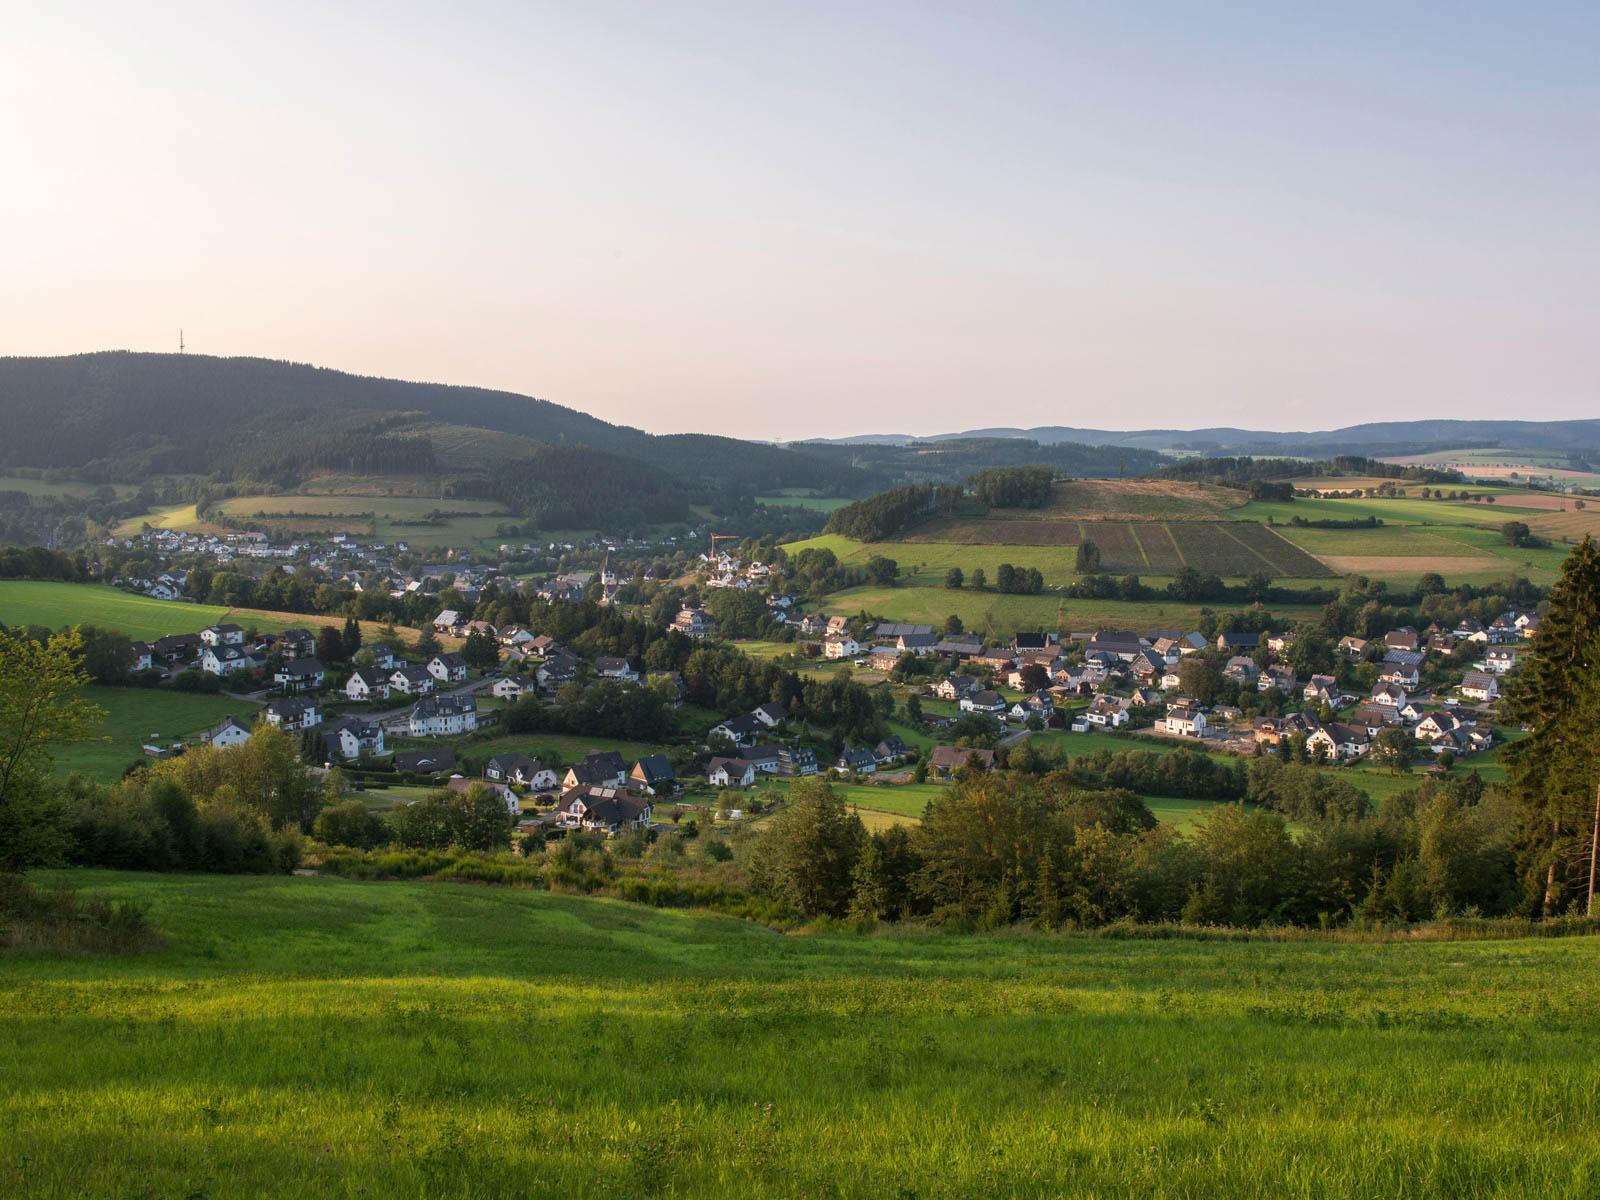 Sauerland Karte Berge.Fleckenberg Im Schmallenberger Sauerland Ein Dorf Voller Leben